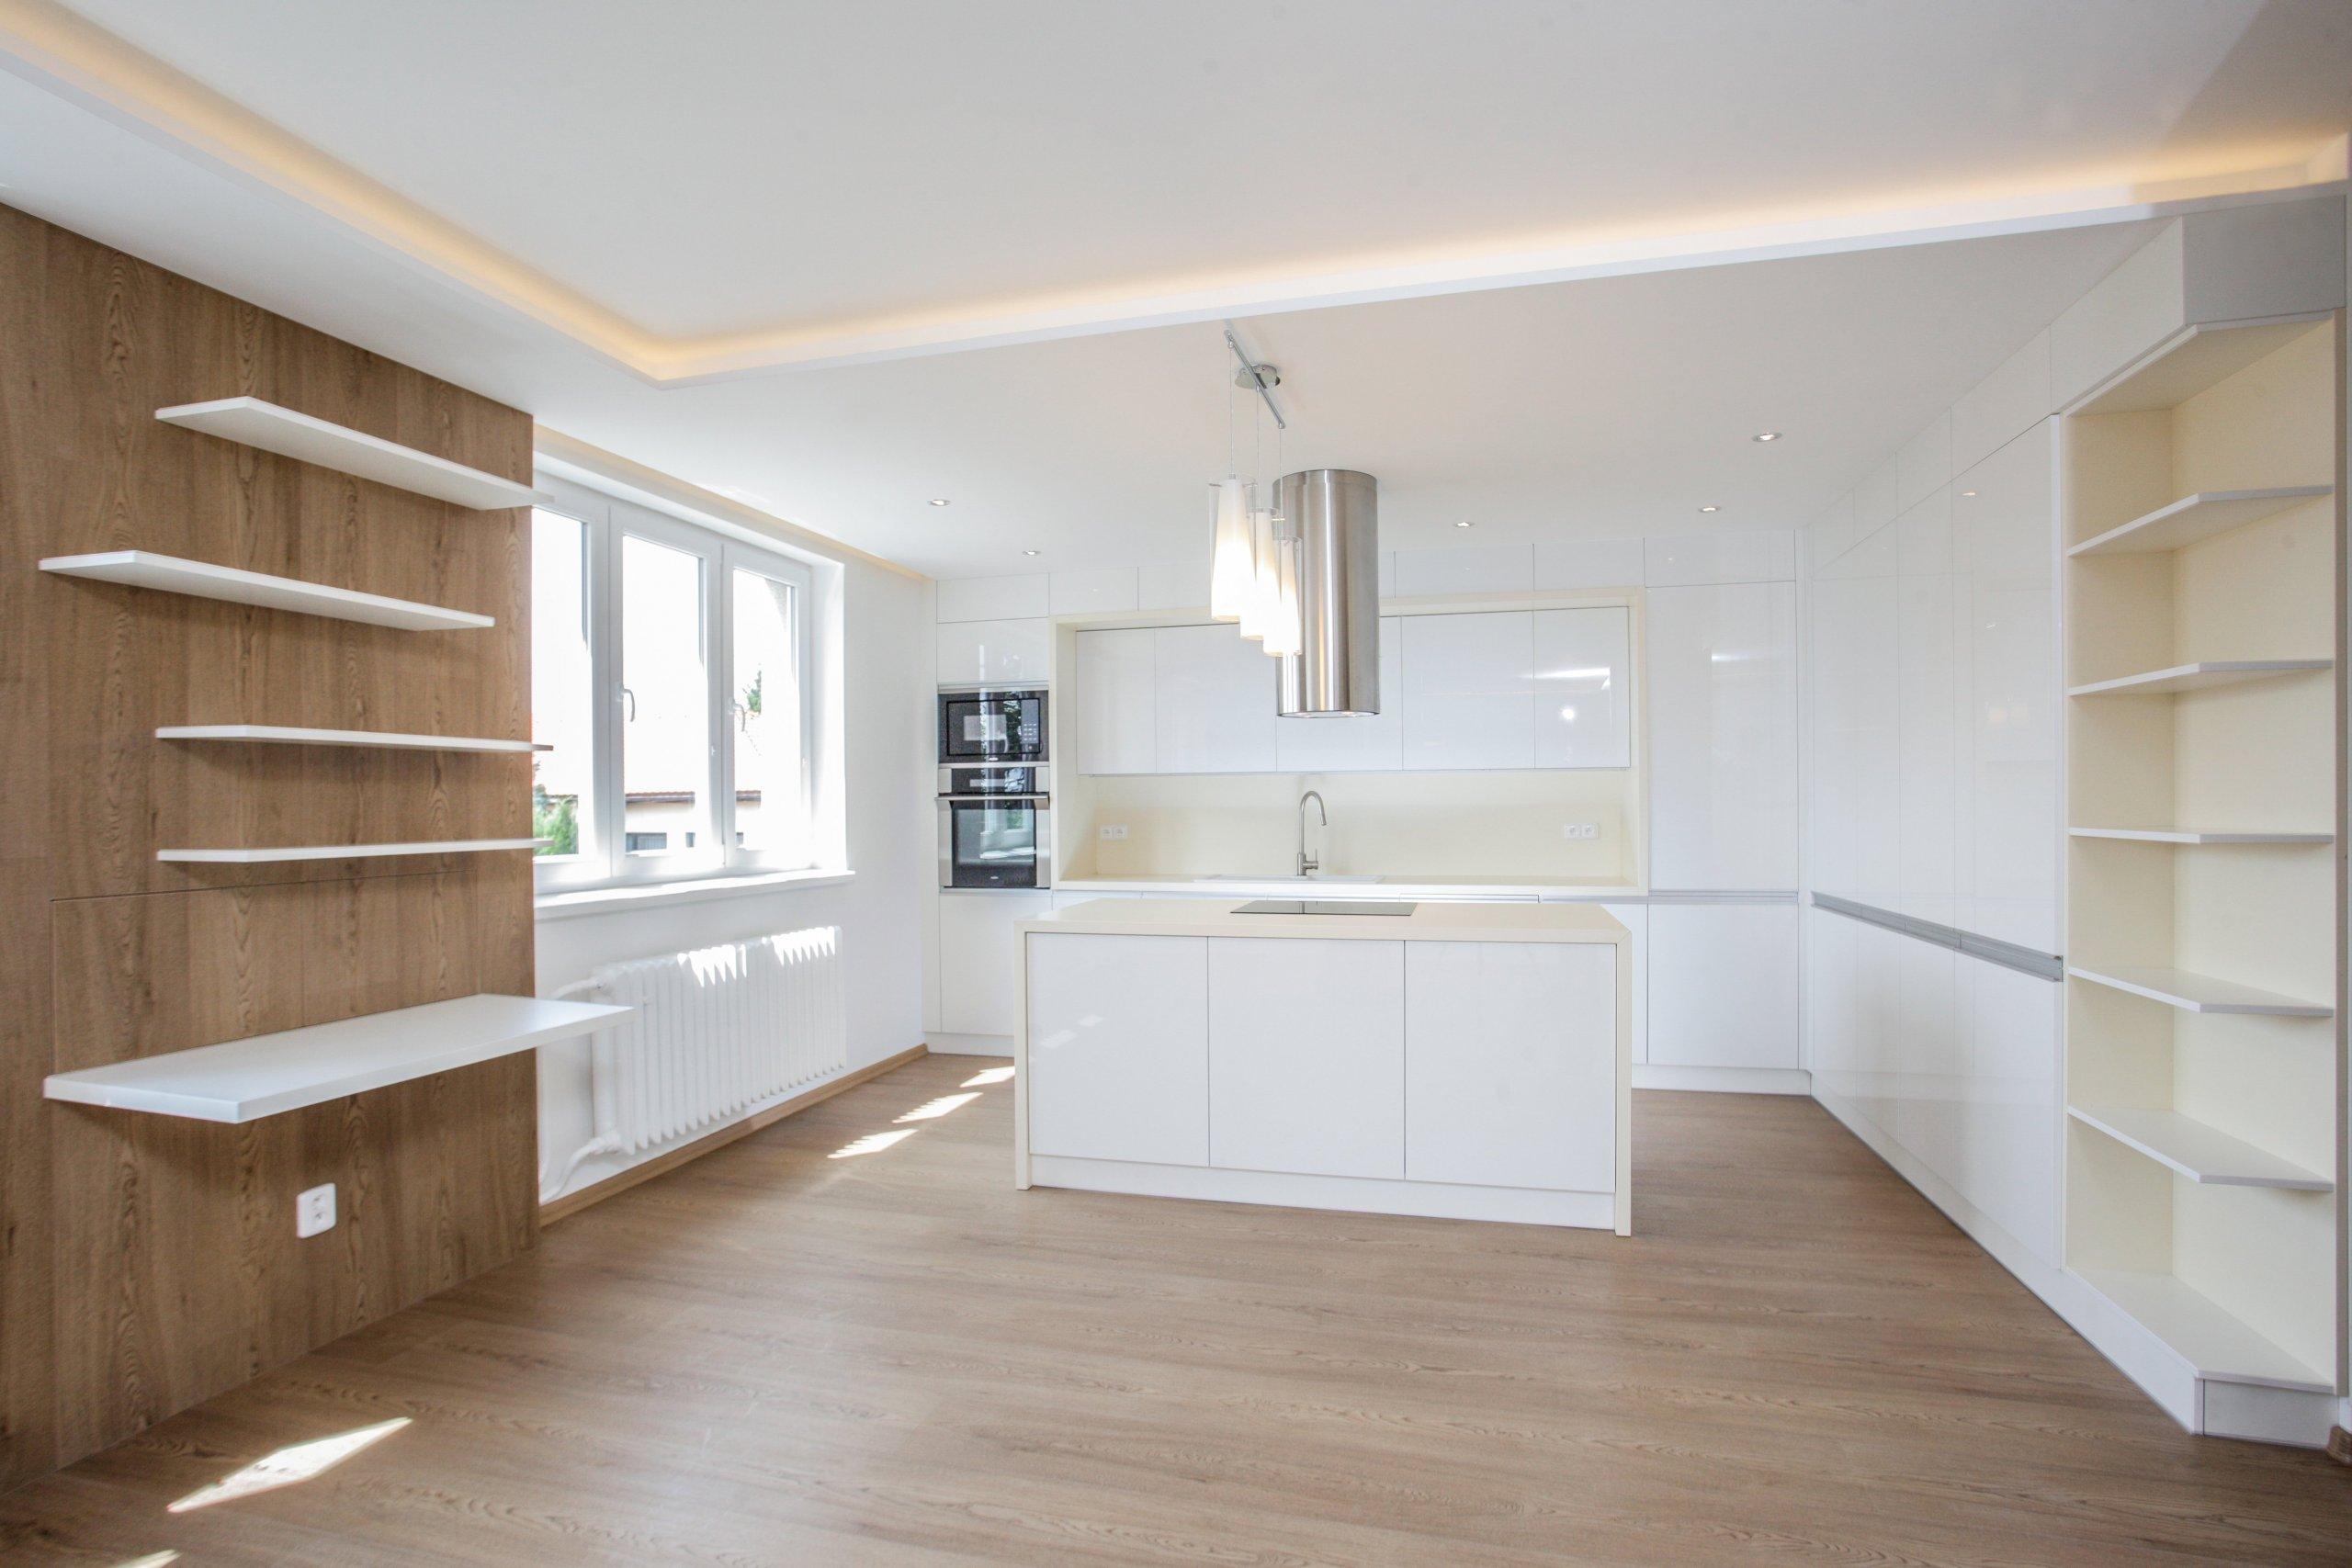 Kompletní rekonstrukce obývacího prostoru s kuchyní bytu v Libiši. Stávající prostor byl pro klienta nevyhovující nejen z estetického hlediska, ale bylo také…